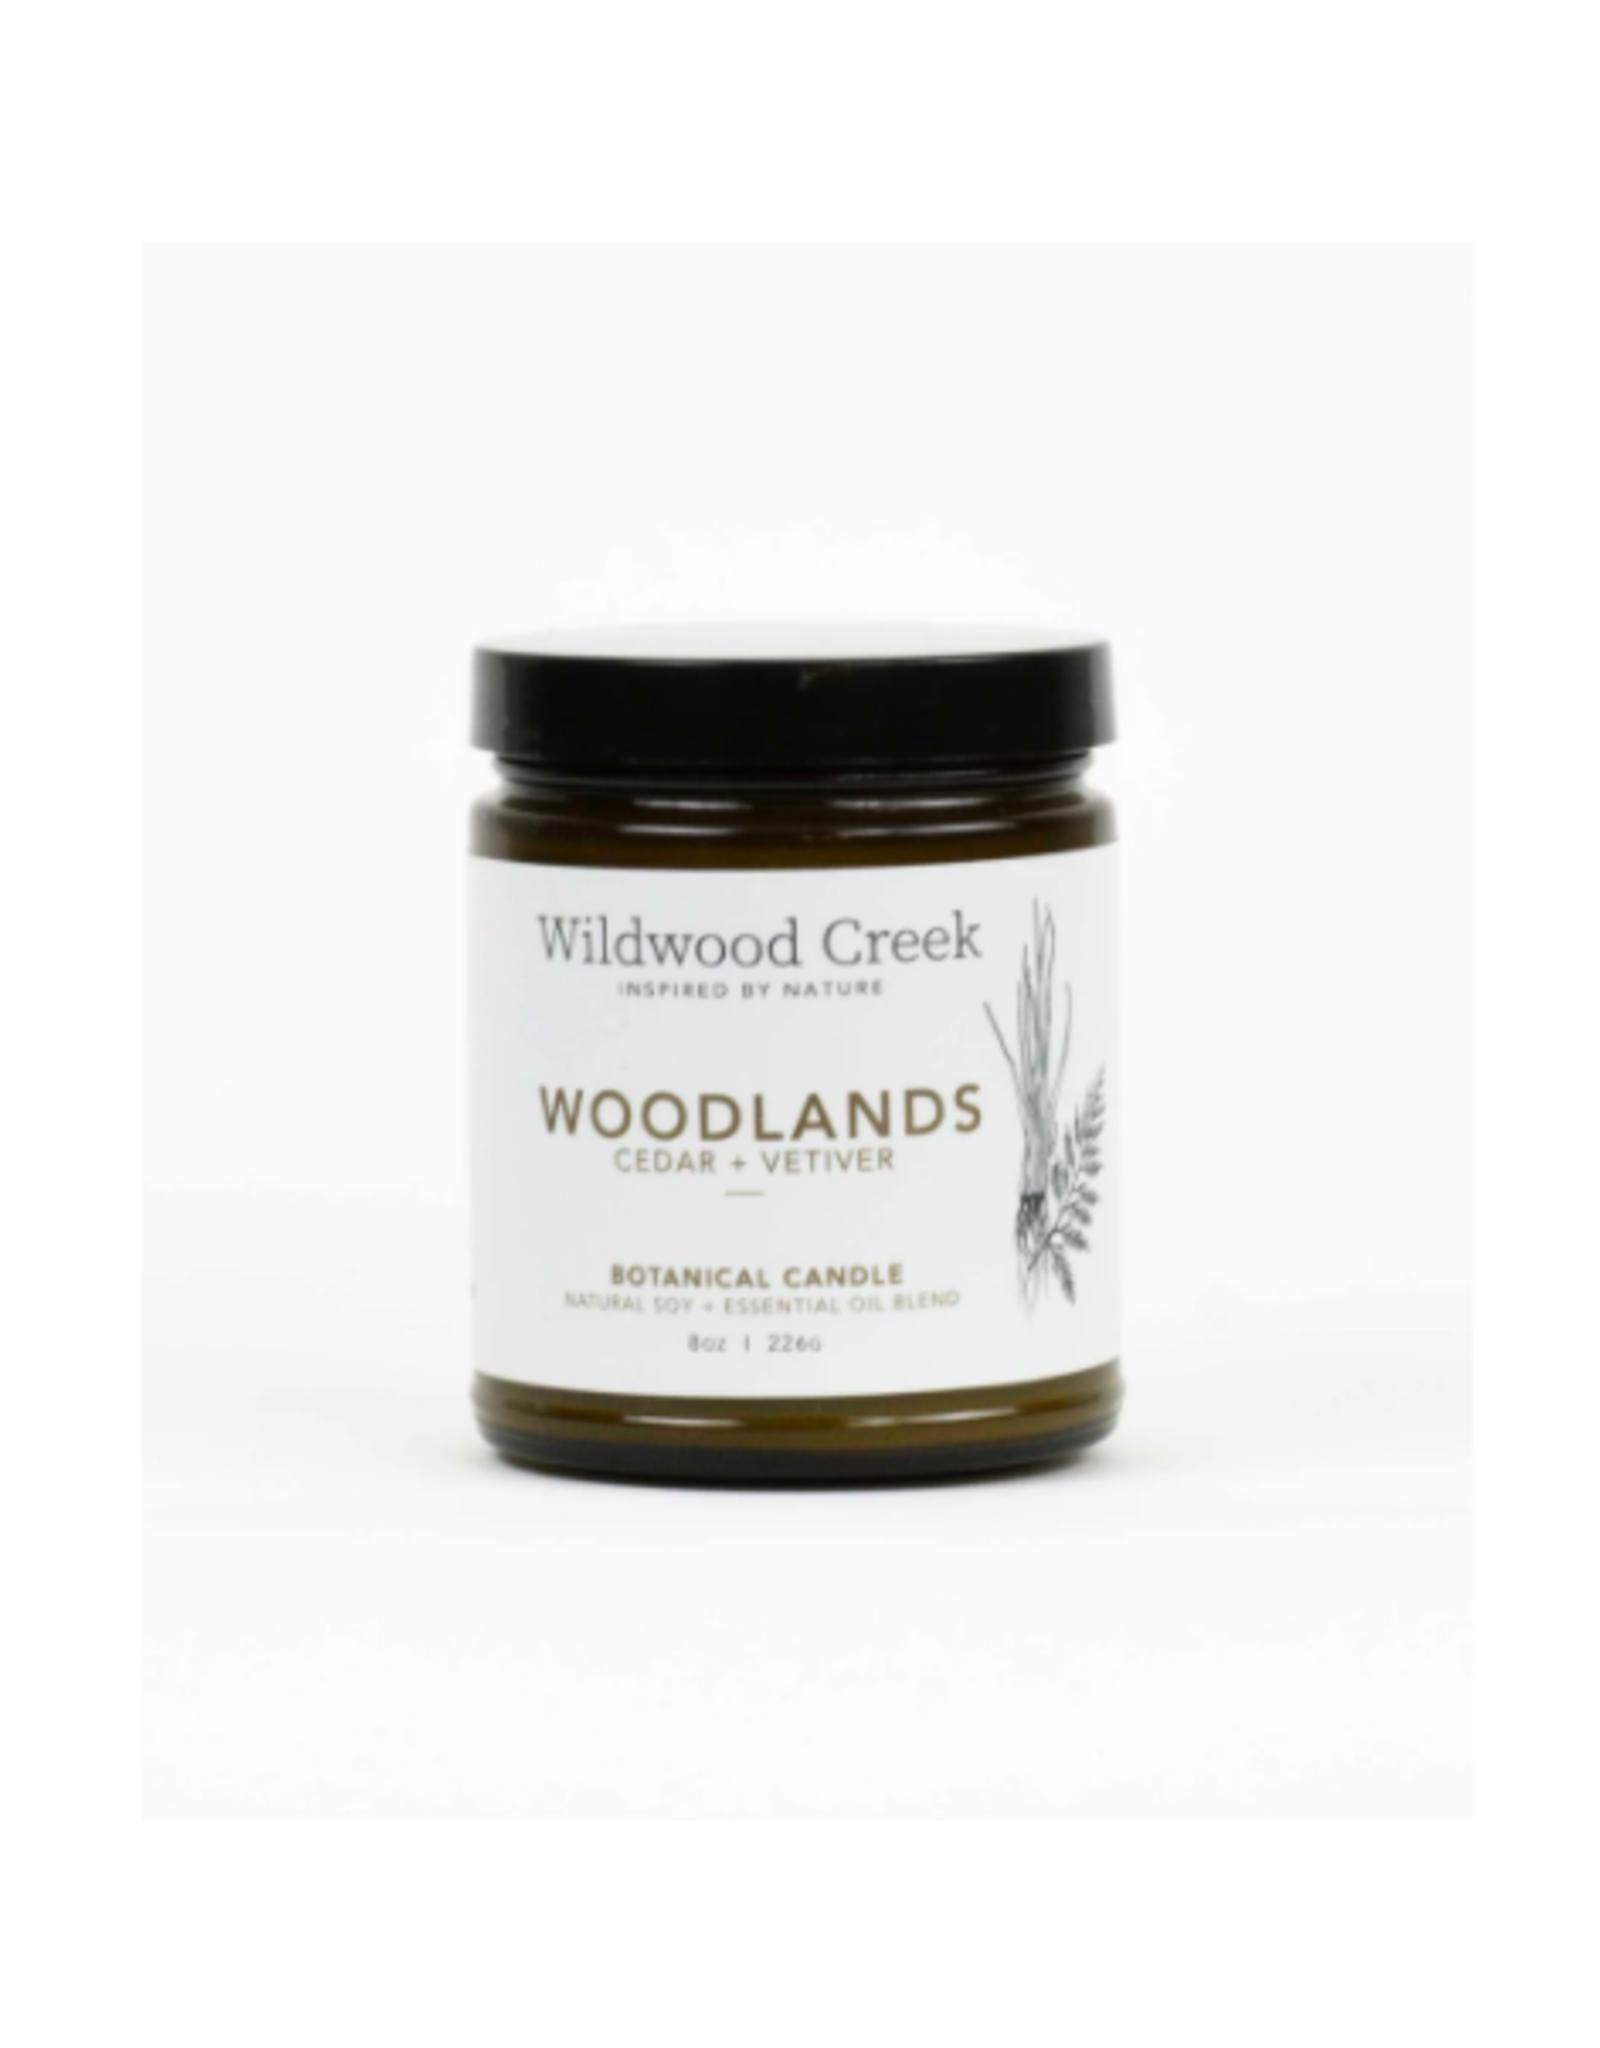 Wildwood Creek - Soy Candle/Woodlands, 8oz